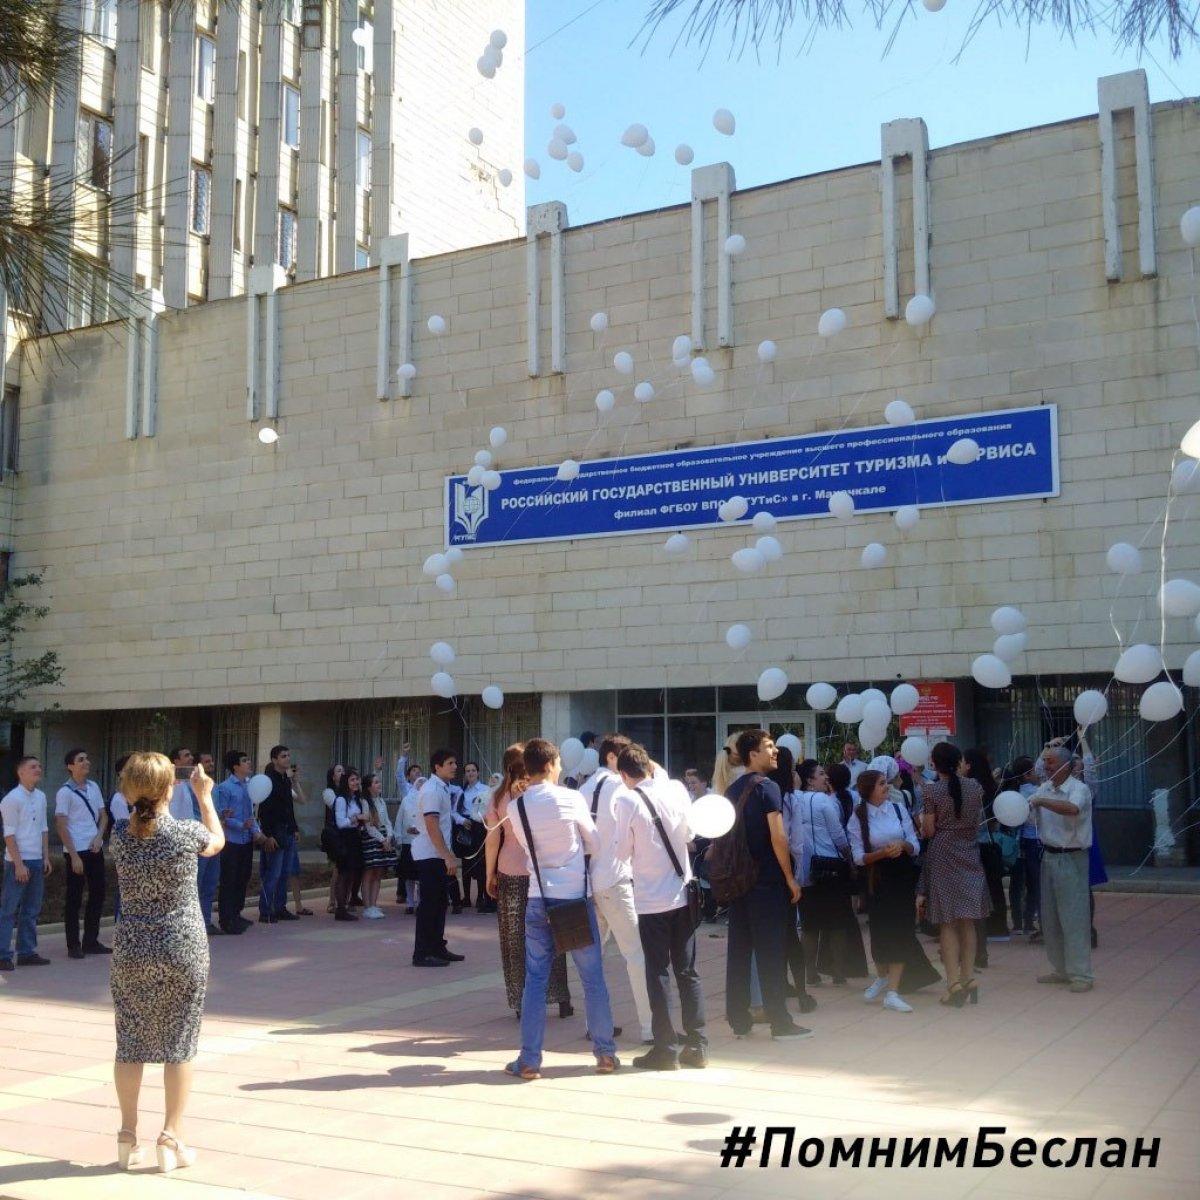 Студенты университета туризма и сервиса выпустили в небо белые шары в память о жертвах трагедии в Беслане. 😥